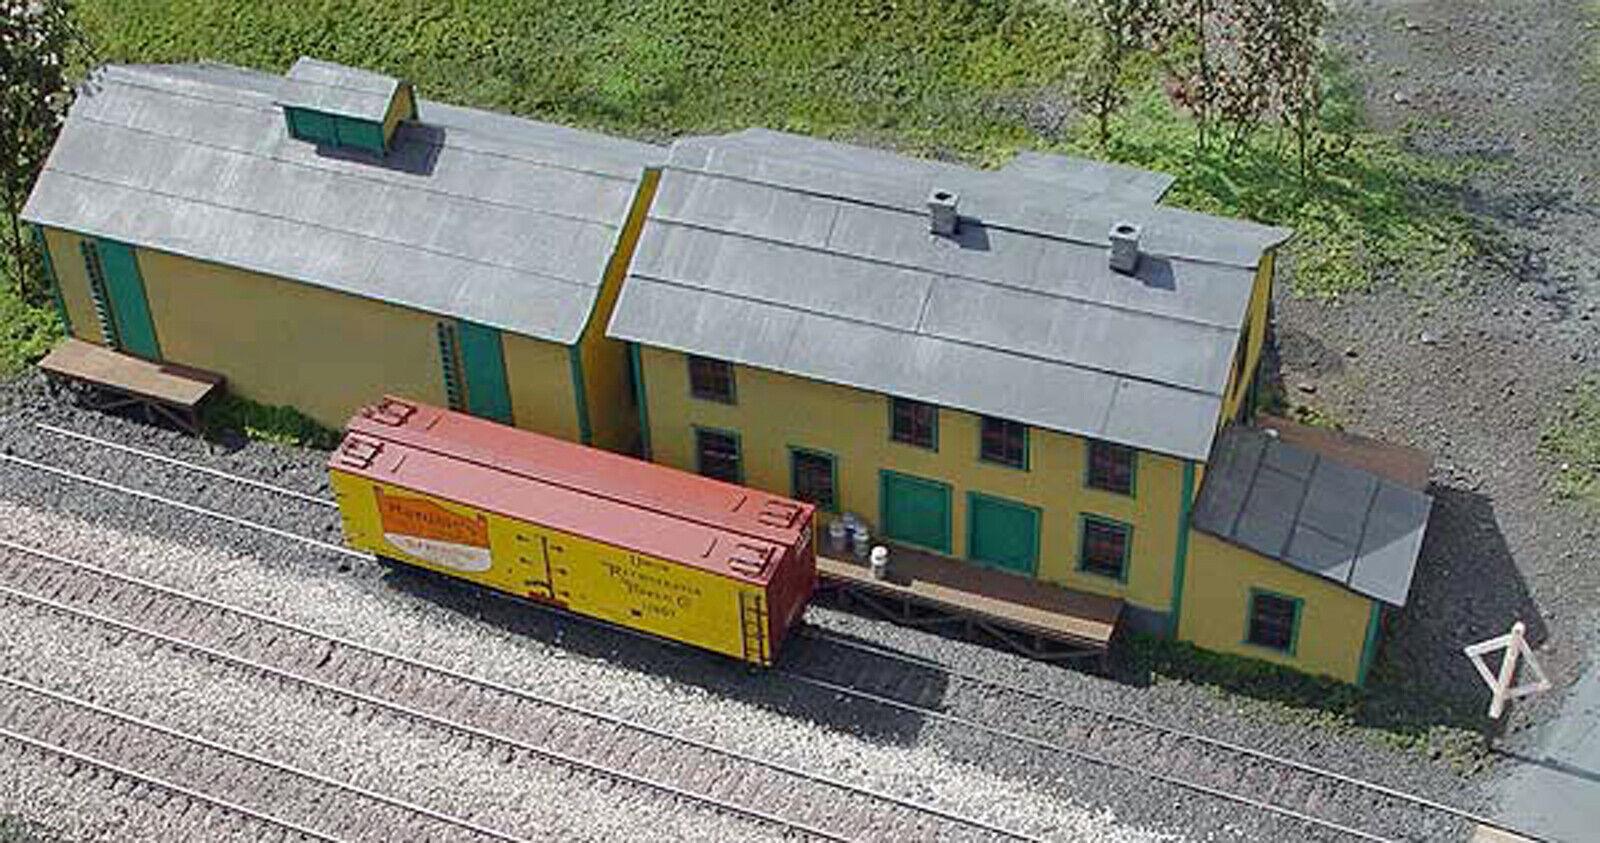 CREAMERY S Scale modello Railstrada Railstrada Railstrada Structure Unpainted Laser-Cut Wood Kit LA580 3f60bf